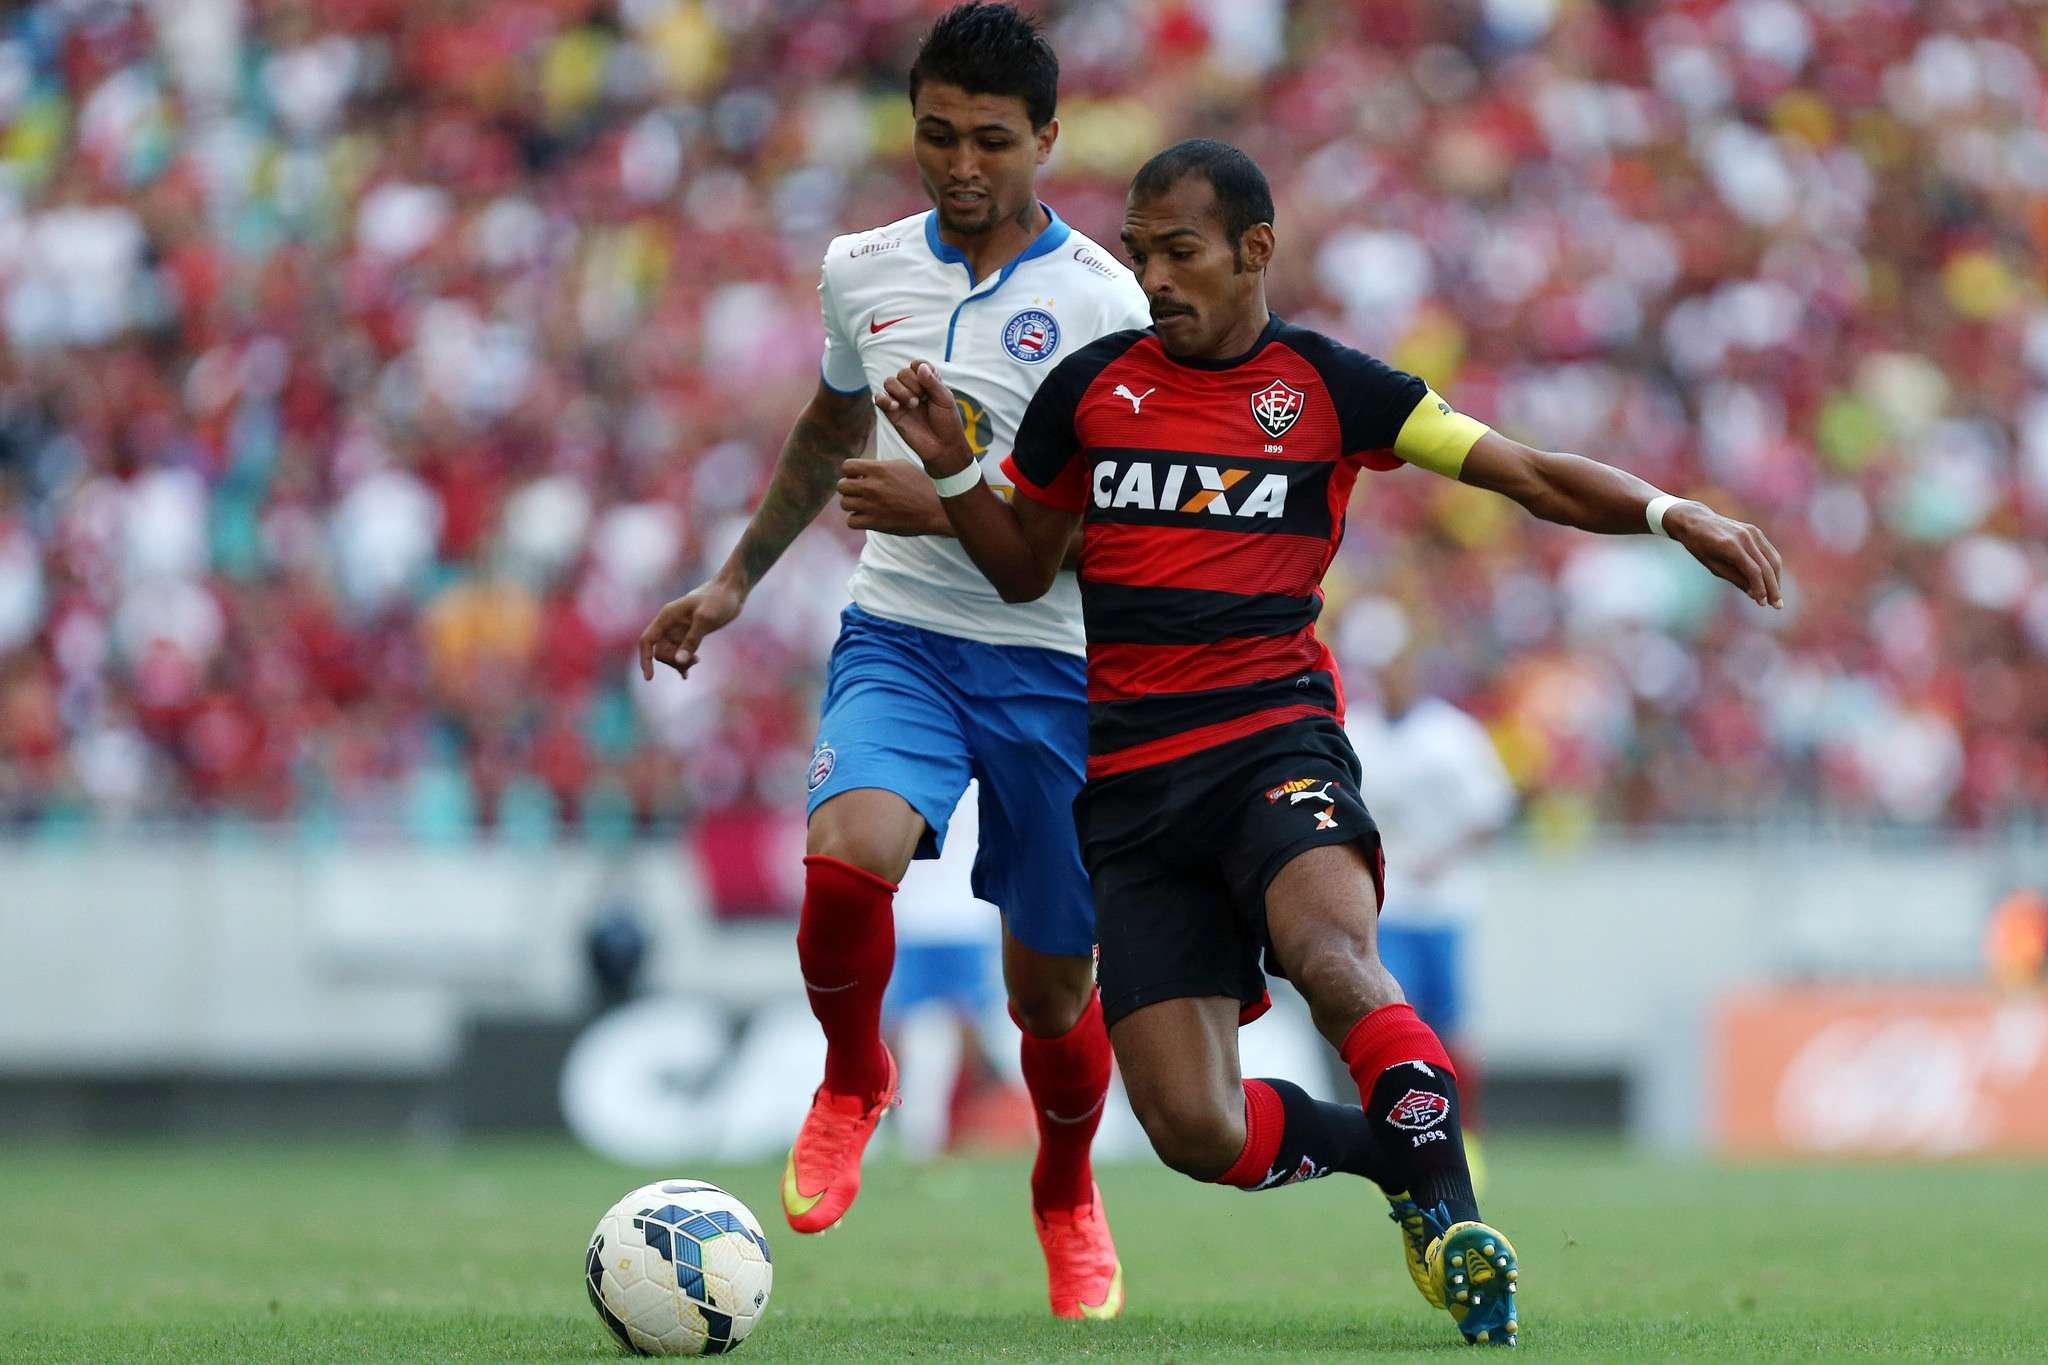 Após conviver com lesões e exclusão, Richarlyson virou capitão do Vitória Foto: Felipe Oliveira/EC Vitória/Divulgação